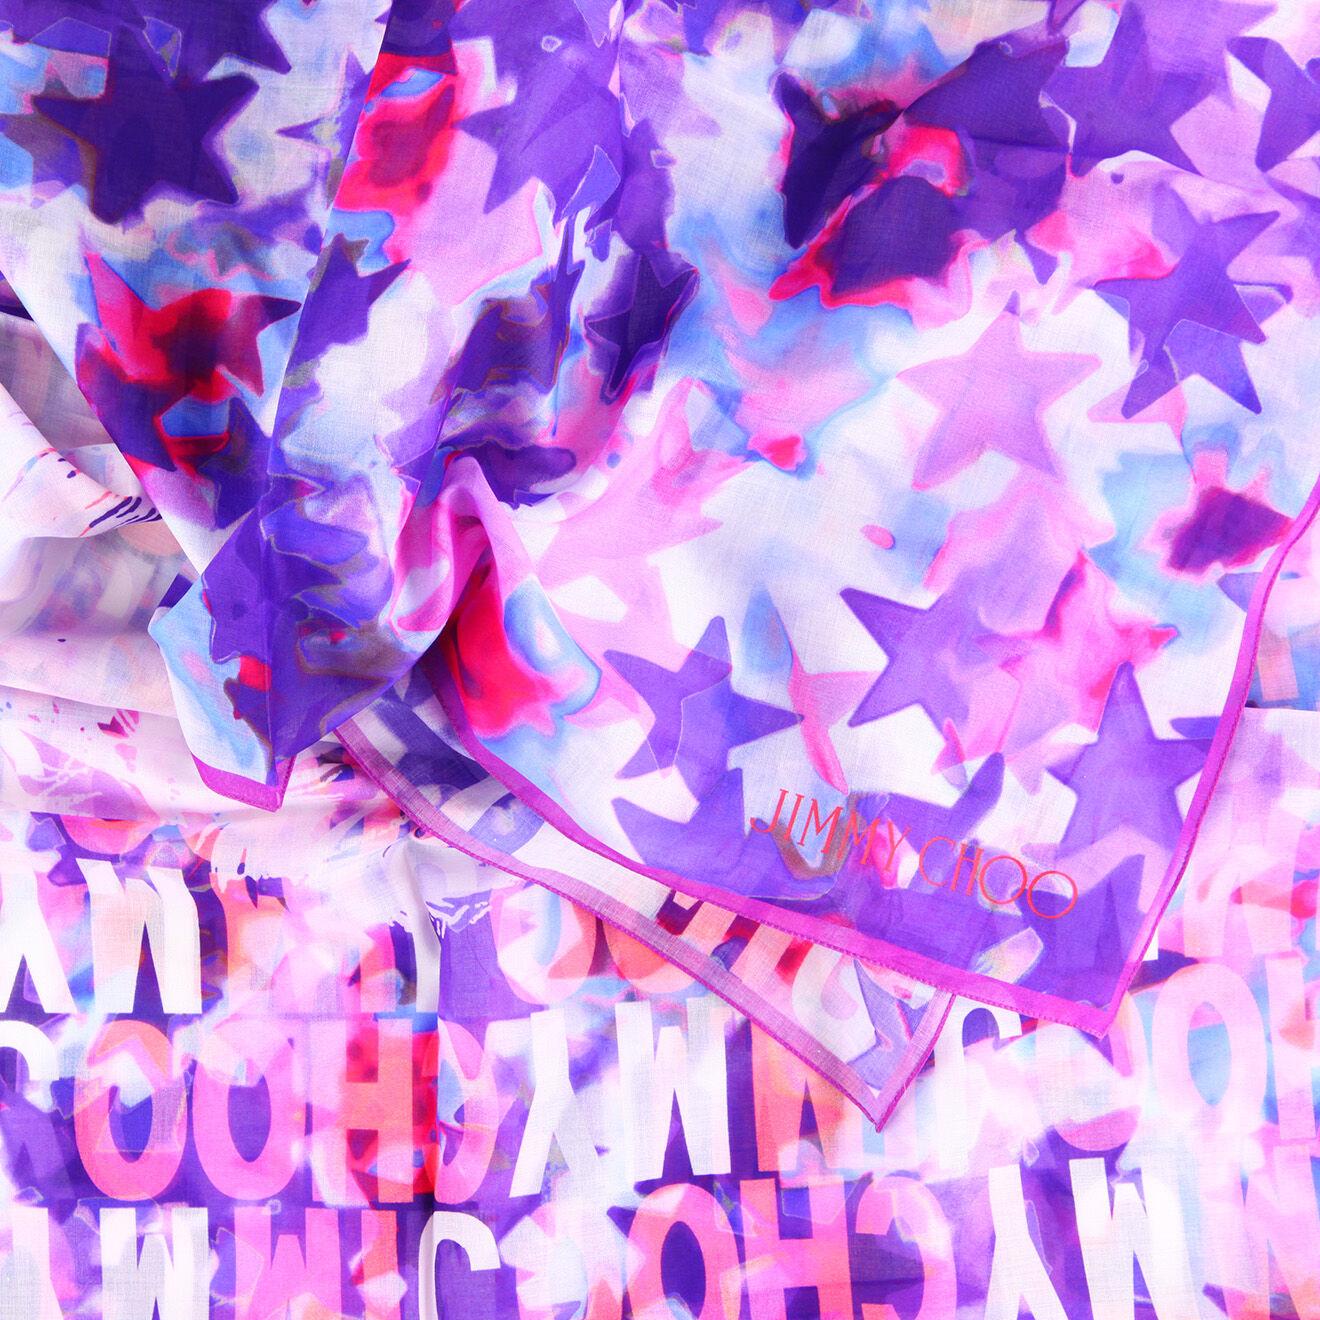 Etole Etoiles fushia/violet - 120x160 cm